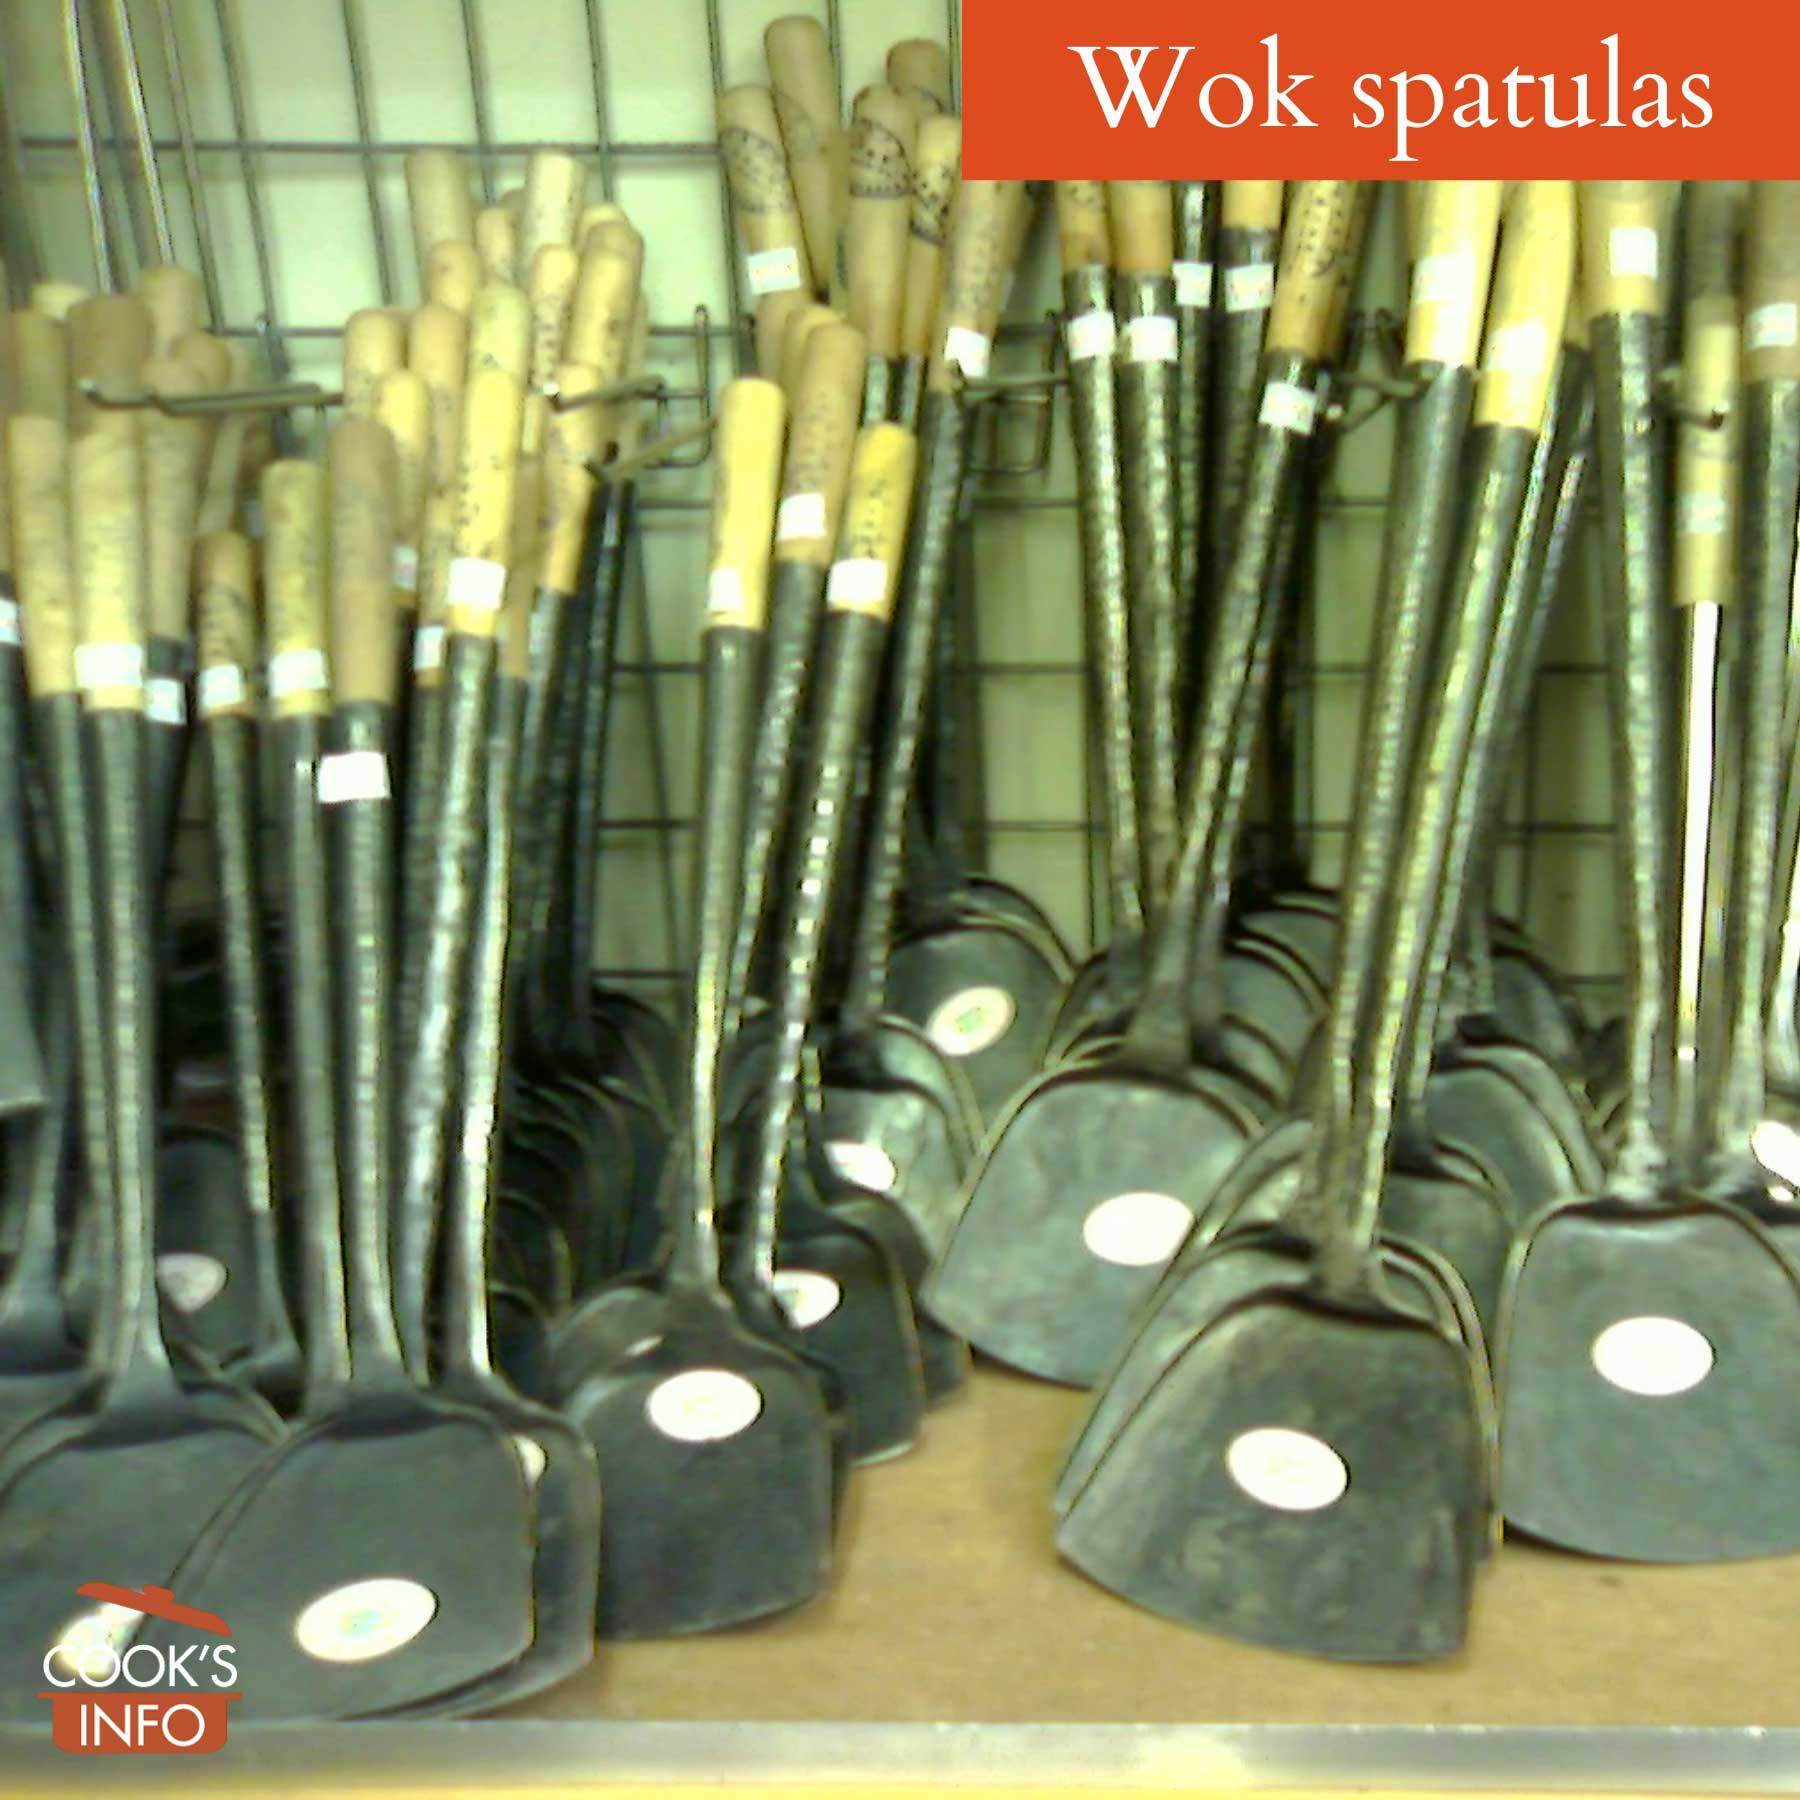 Wok spatulas